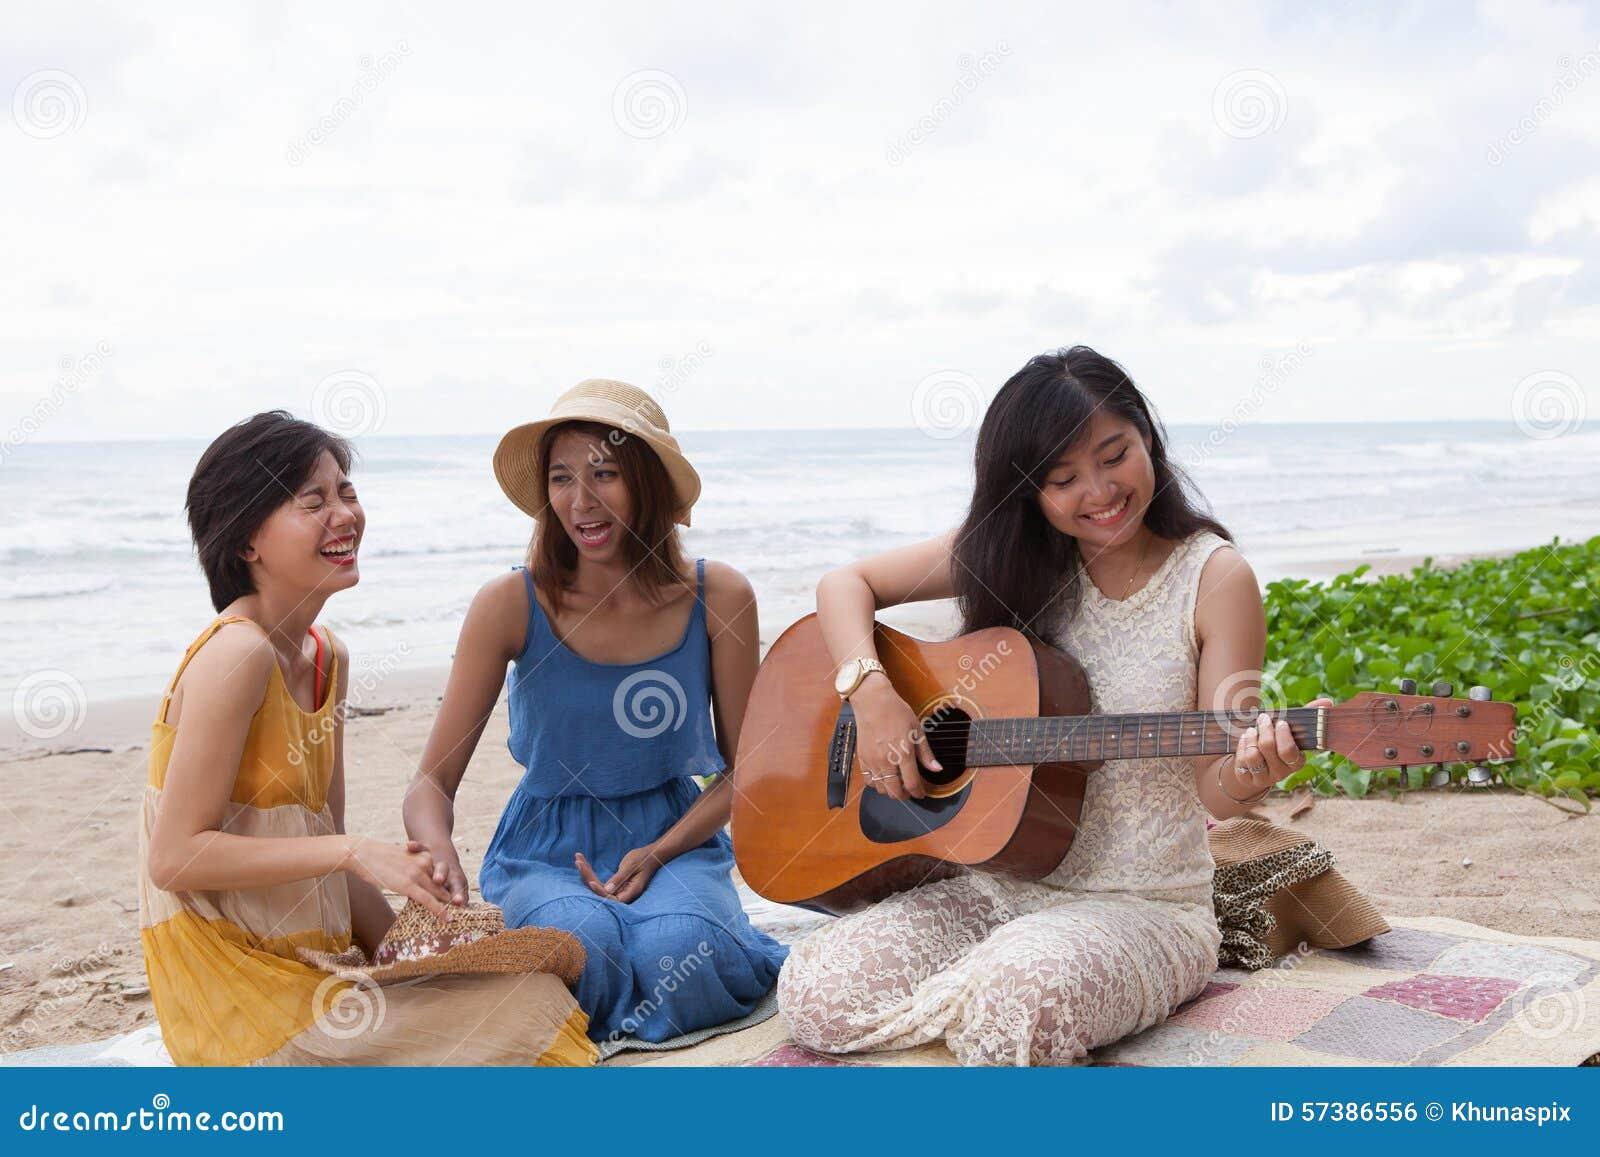 Portretgroep jonge Aziatische vrouw het spelen gitaar in overzees strand